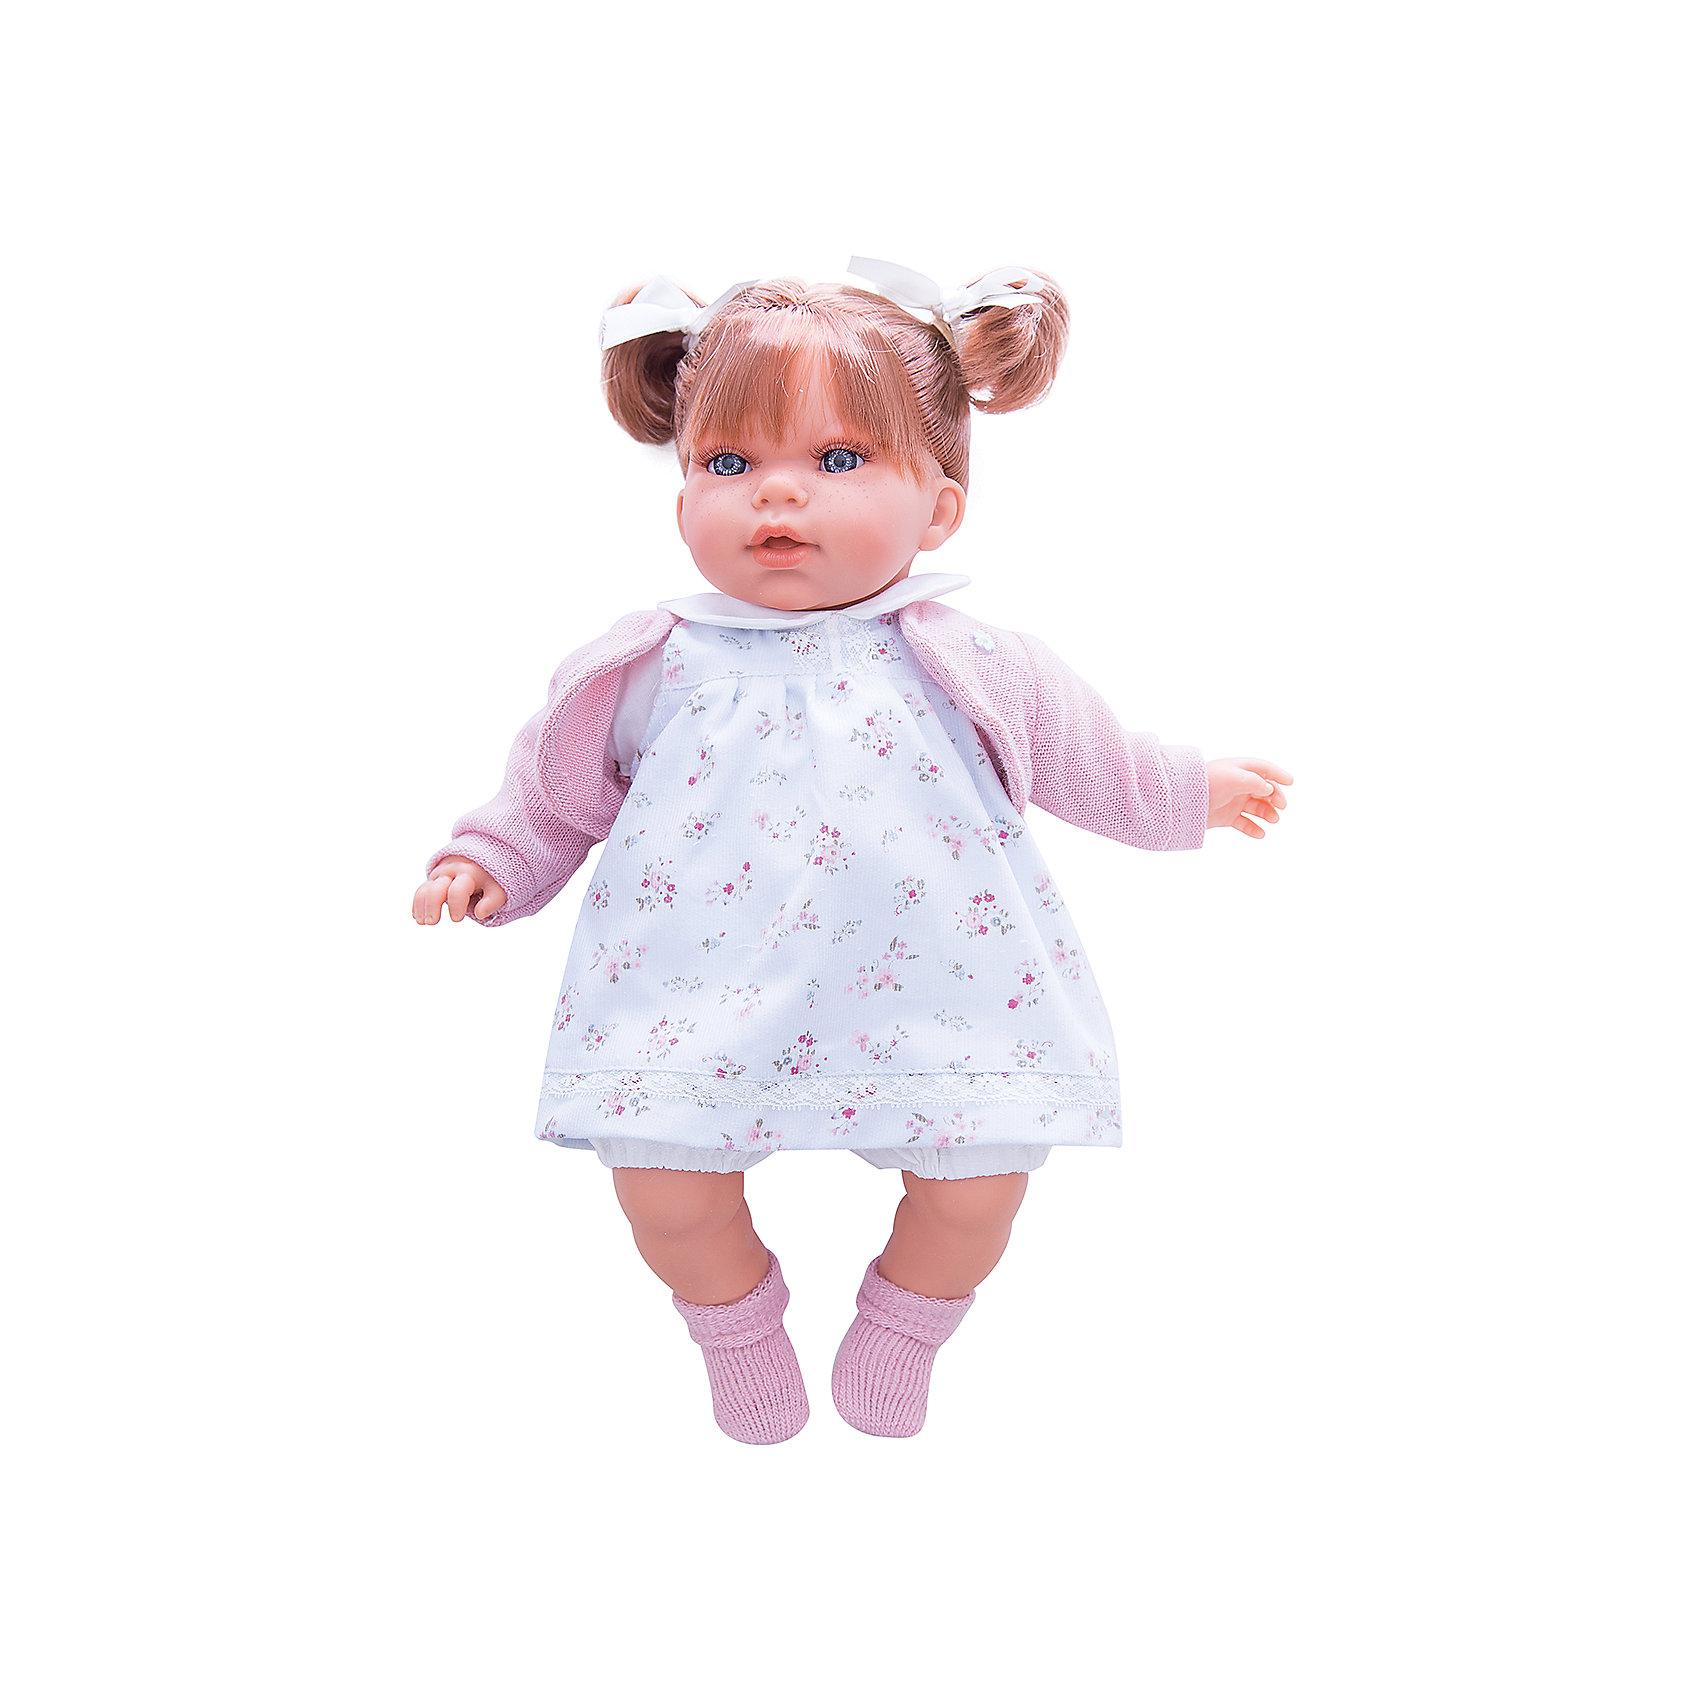 Кукла Лорена в белом, 37 см, Munecas Antonio JuanКлассические куклы<br>Кукла Лорена в белом, 37 см, Munecas Antonio Juan (Мунекас от Антонио Хуан) ? это очаровательная маленькая девочка от всемирно известного испанского бренда Мунекас от Антонио Хуан, который знаменит своими реалистичными куклами. Кукла изготовлена из винила высшего качества, ее тело ? мягконабивное, ручки и ножки подвижны, голова поворачивается в стороны, глазки не закрываются. <br>Нежные черты лица, розовые щечки, пухленькие губки, курносый носик и рыжие волосы, собранные в два очаровательных хвостика.  Лорена умеет смеяться и говорить «мама» и «папа», если ей нажать на животик. <br>Кукла Лорена в белом, 37 см, Munecas Antonio Juan (Мунекас от Антонио Хуан) разработана с учетом анатомических особенностей и мимики младенцев. Играя с пупсом, ваш ребенок реалистично проживает роль «мамы», учится ухаживать за малышом, заботиться о нем.<br>У малышки Лорены красивый наряд: нежное платьице с цветочным принтом, теплая розовая кофточка, на ножках розовые носочки.<br>Куклы JUAN ANTONIO munecas (Мунекас от Антонио Хуан) ? мечта девочки любого возраста!<br><br>Дополнительная информация:<br><br>- Вид игр: сюжетно-ролевые игры <br>- Дополнительные функции: смеется, говорит «мама» и «папа»<br>- Материал: пластик, винил, текстиль<br>- Высота куклы: 37 см<br>- Вес: 6 кг <br>- Батарейки: 3 шт. 3 LR44 (в комплекте)<br>- Особенности ухода: одежда ? ручная стирка, саму куклу мыть не рекомендуется <br><br>Подробнее:<br><br>• Для детей в возрасте: от 3 лет и до 6 лет<br>• Страна производитель: Испания<br>• Торговый бренд: JUAN ANTONIO munecas <br><br>Куклу Лорену в белом, 37 см, Munecas Antonio Juan (Мунекас от Антонио Хуан) (Мунекас от Антонио Хуан) можно купить в нашем интернет-магазине.<br><br>Ширина мм: 440<br>Глубина мм: 245<br>Высота мм: 120<br>Вес г: 6000<br>Возраст от месяцев: 36<br>Возраст до месяцев: 72<br>Пол: Женский<br>Возраст: Детский<br>SKU: 4792903